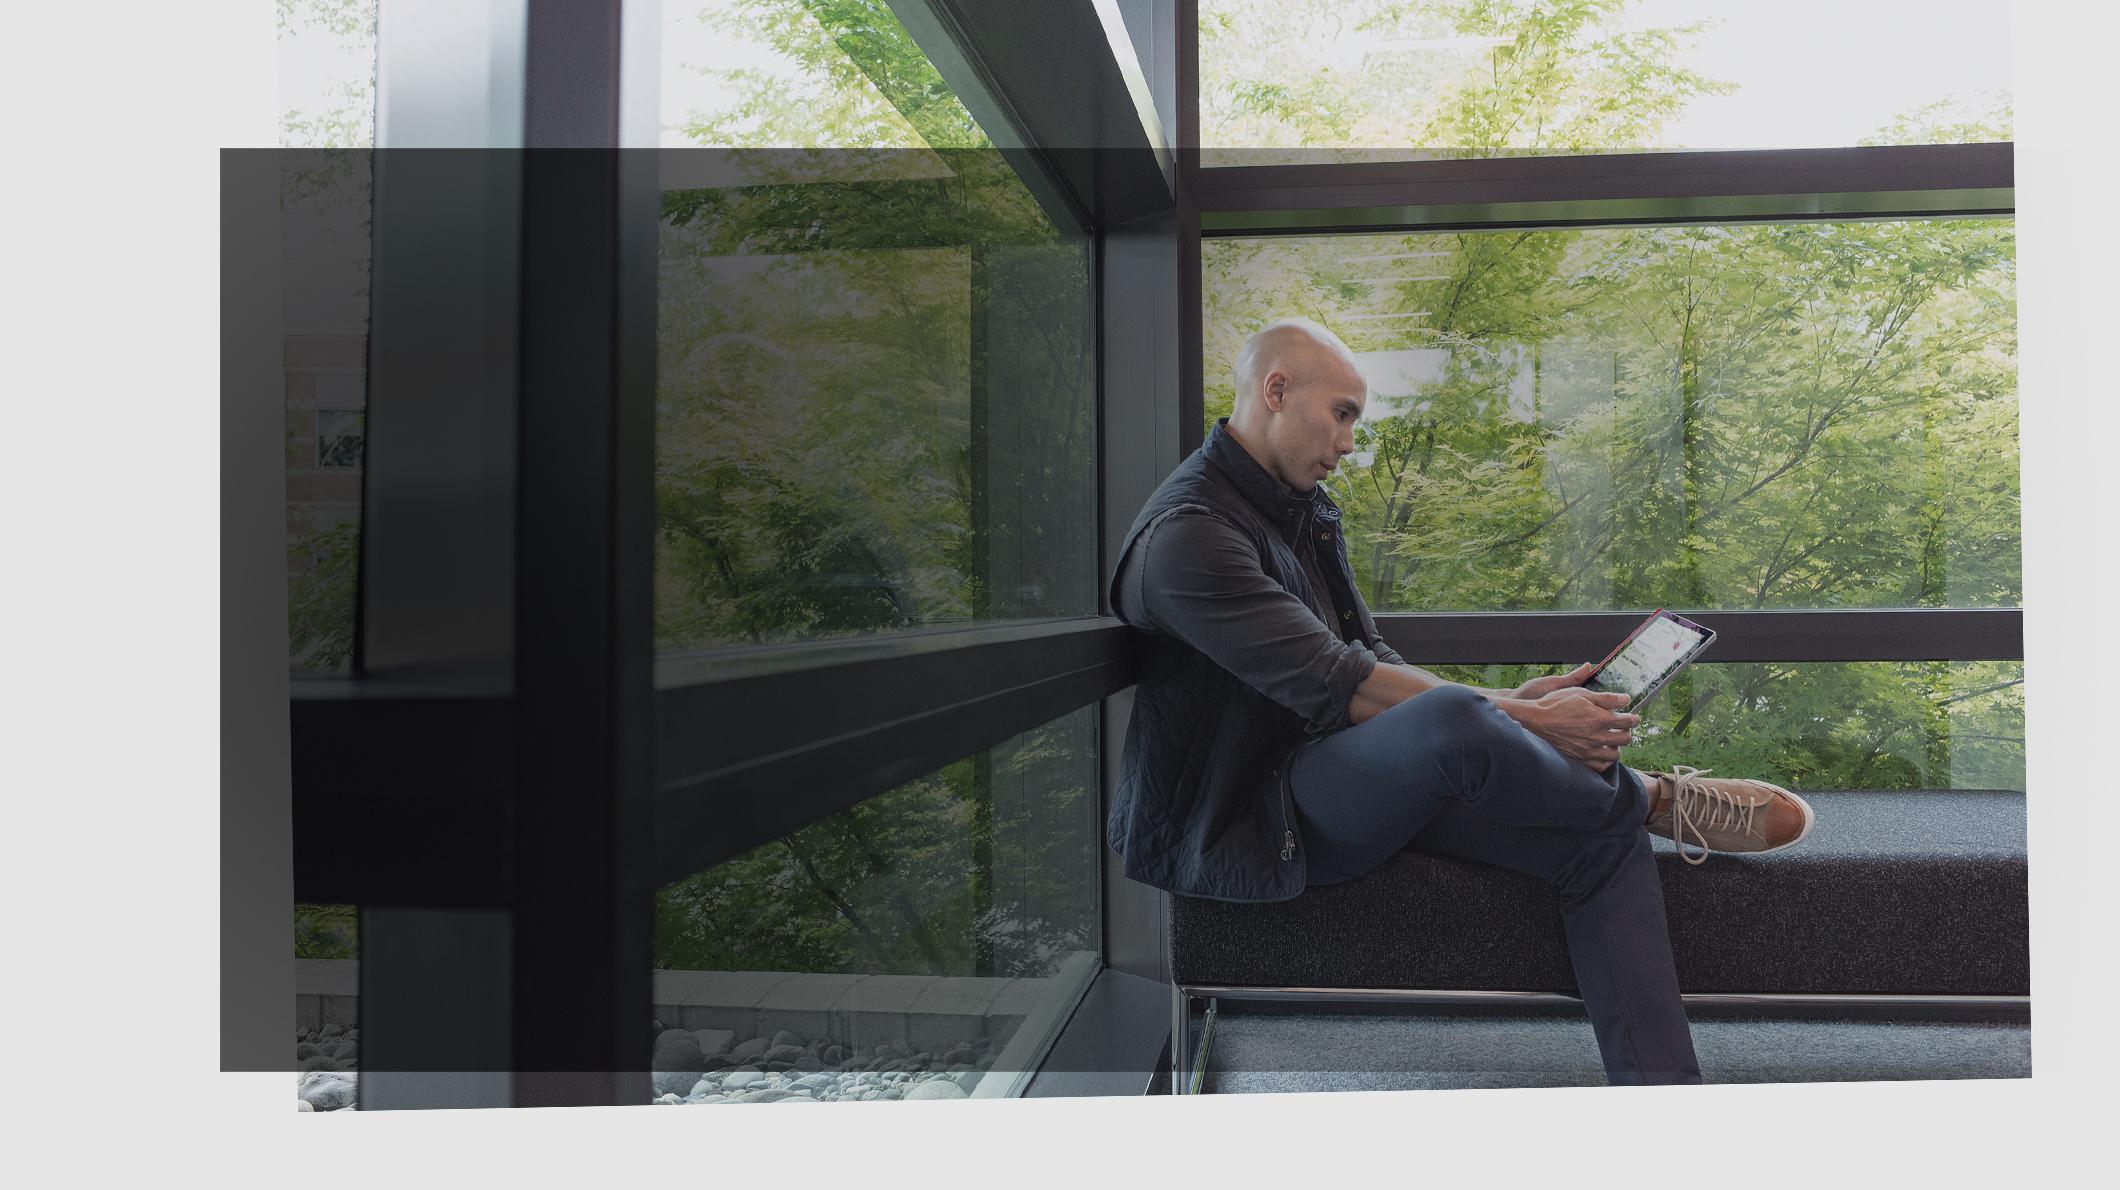 Čovjek sjedi na klupi, gleda u uređaj koji drži u rukama.